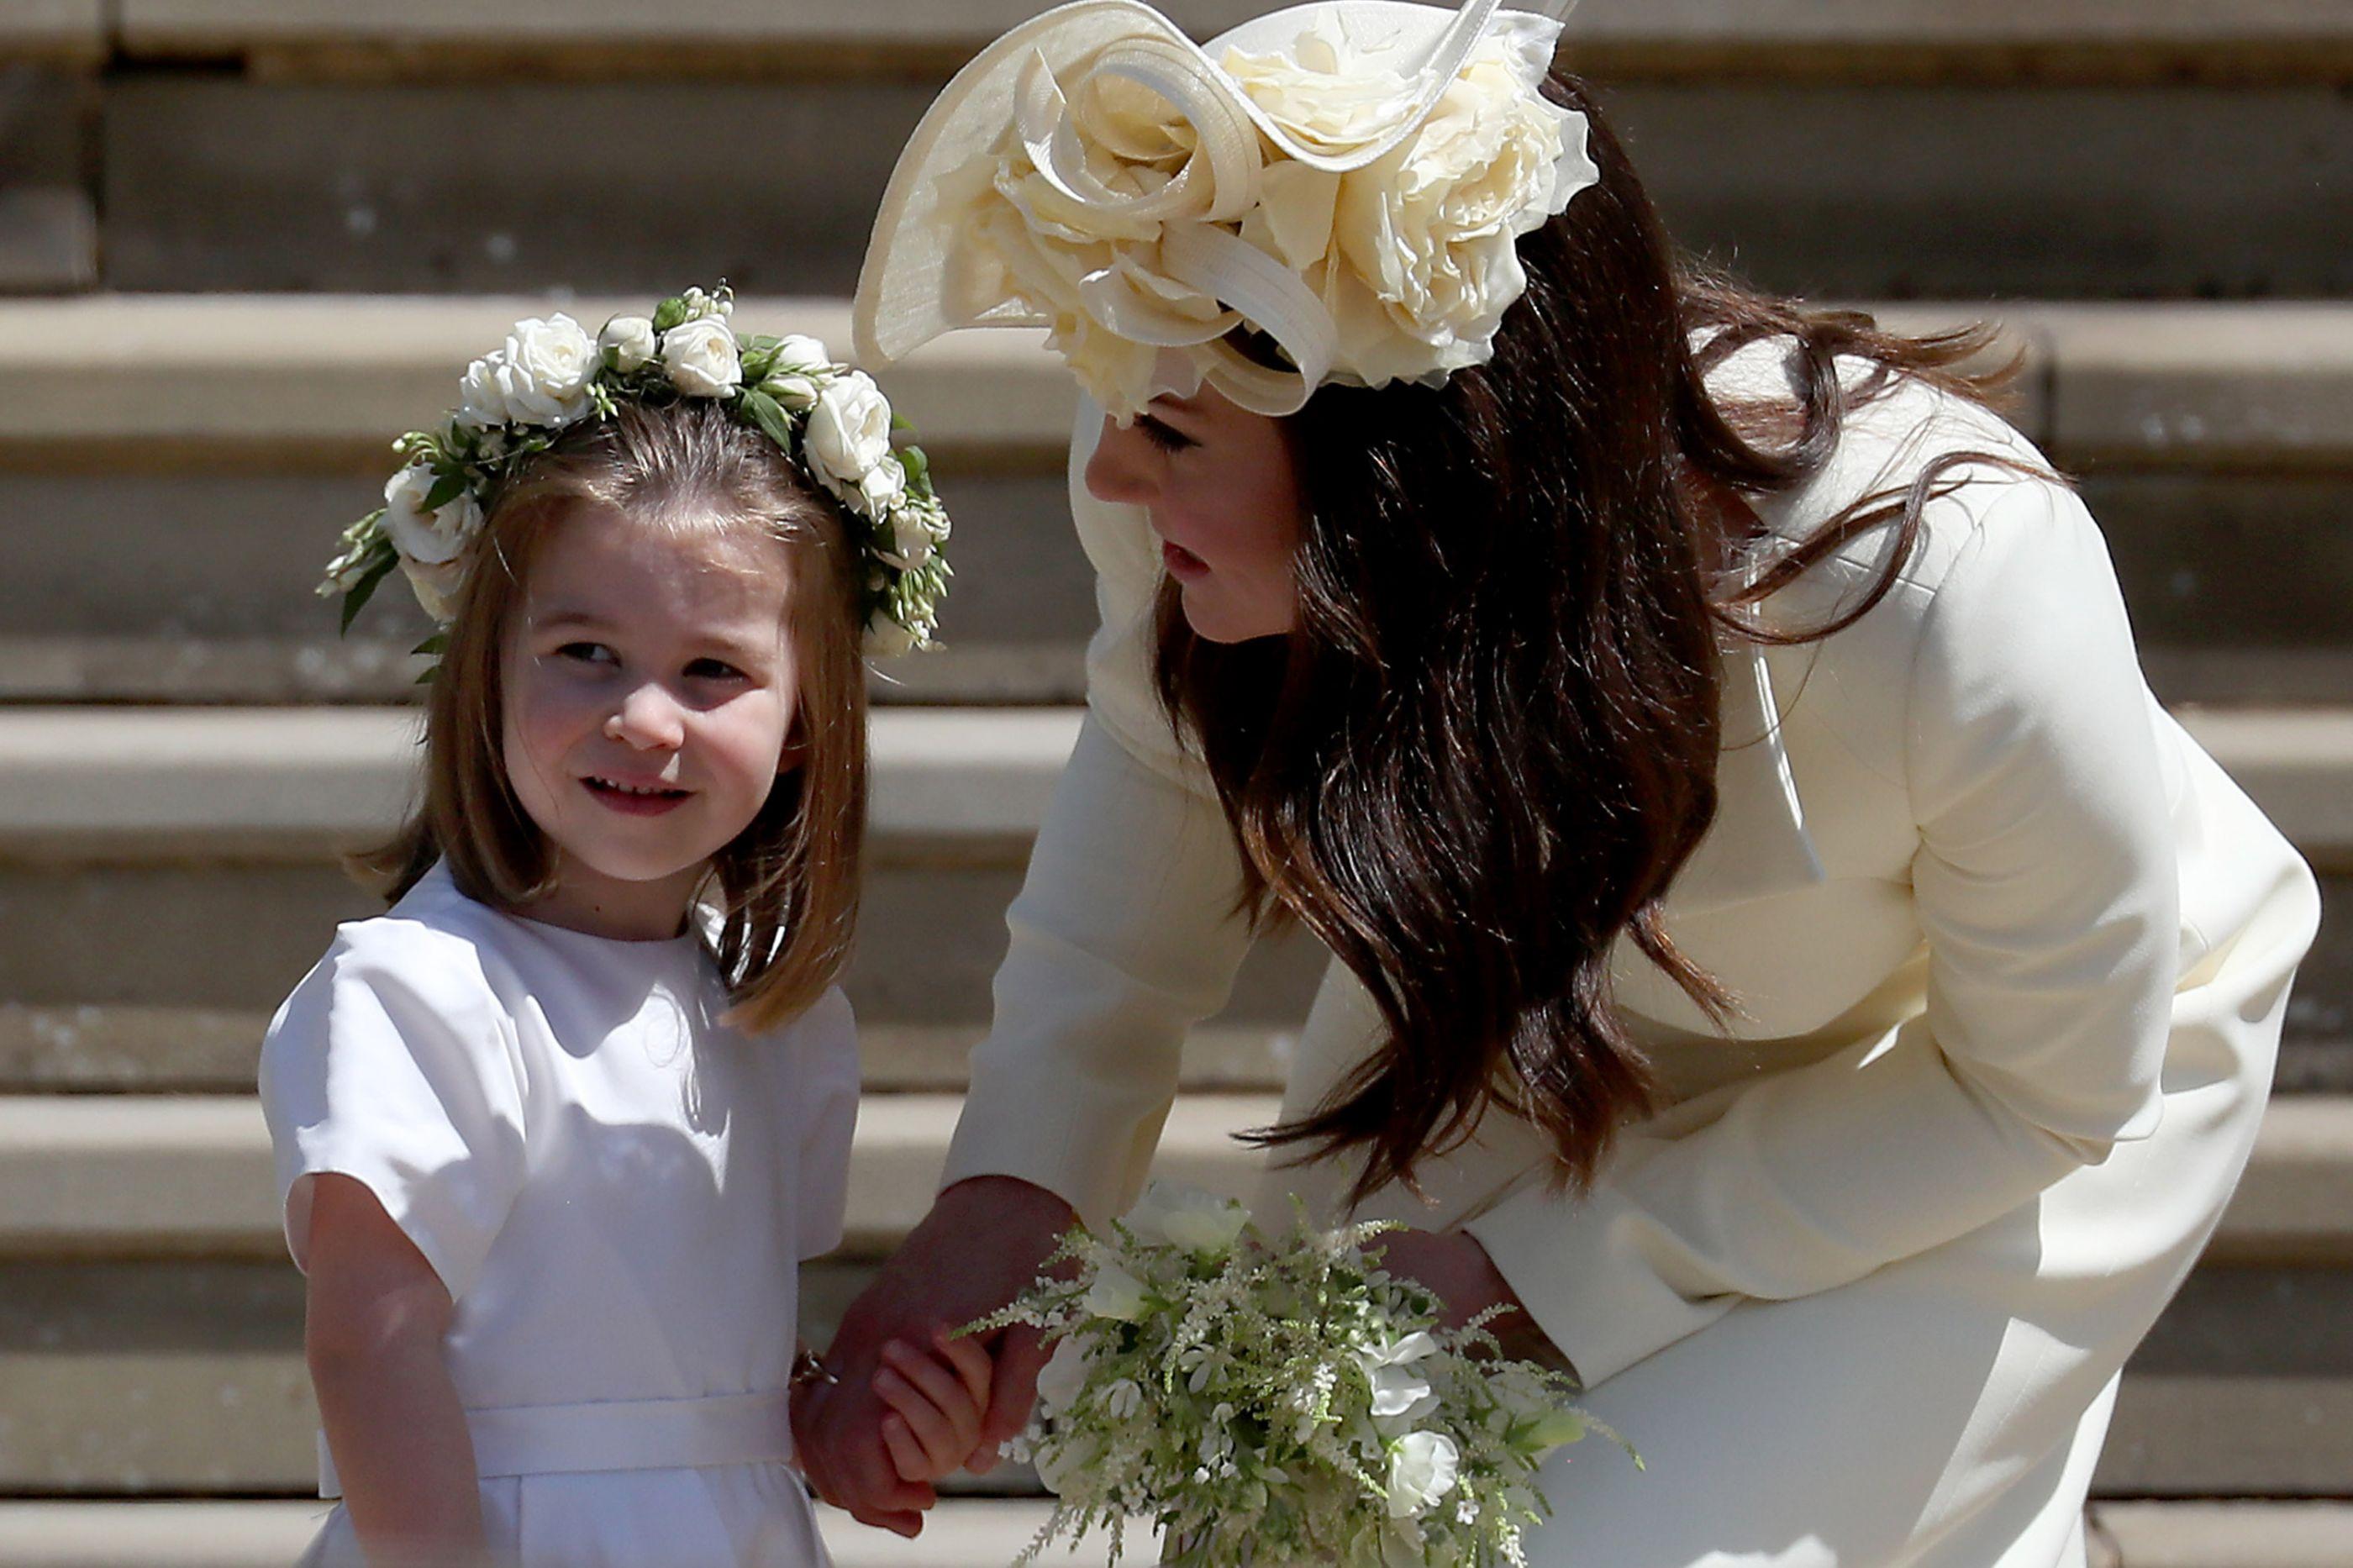 A alcunha carinhosa com que Kate Middleton trata a filha Charlotte